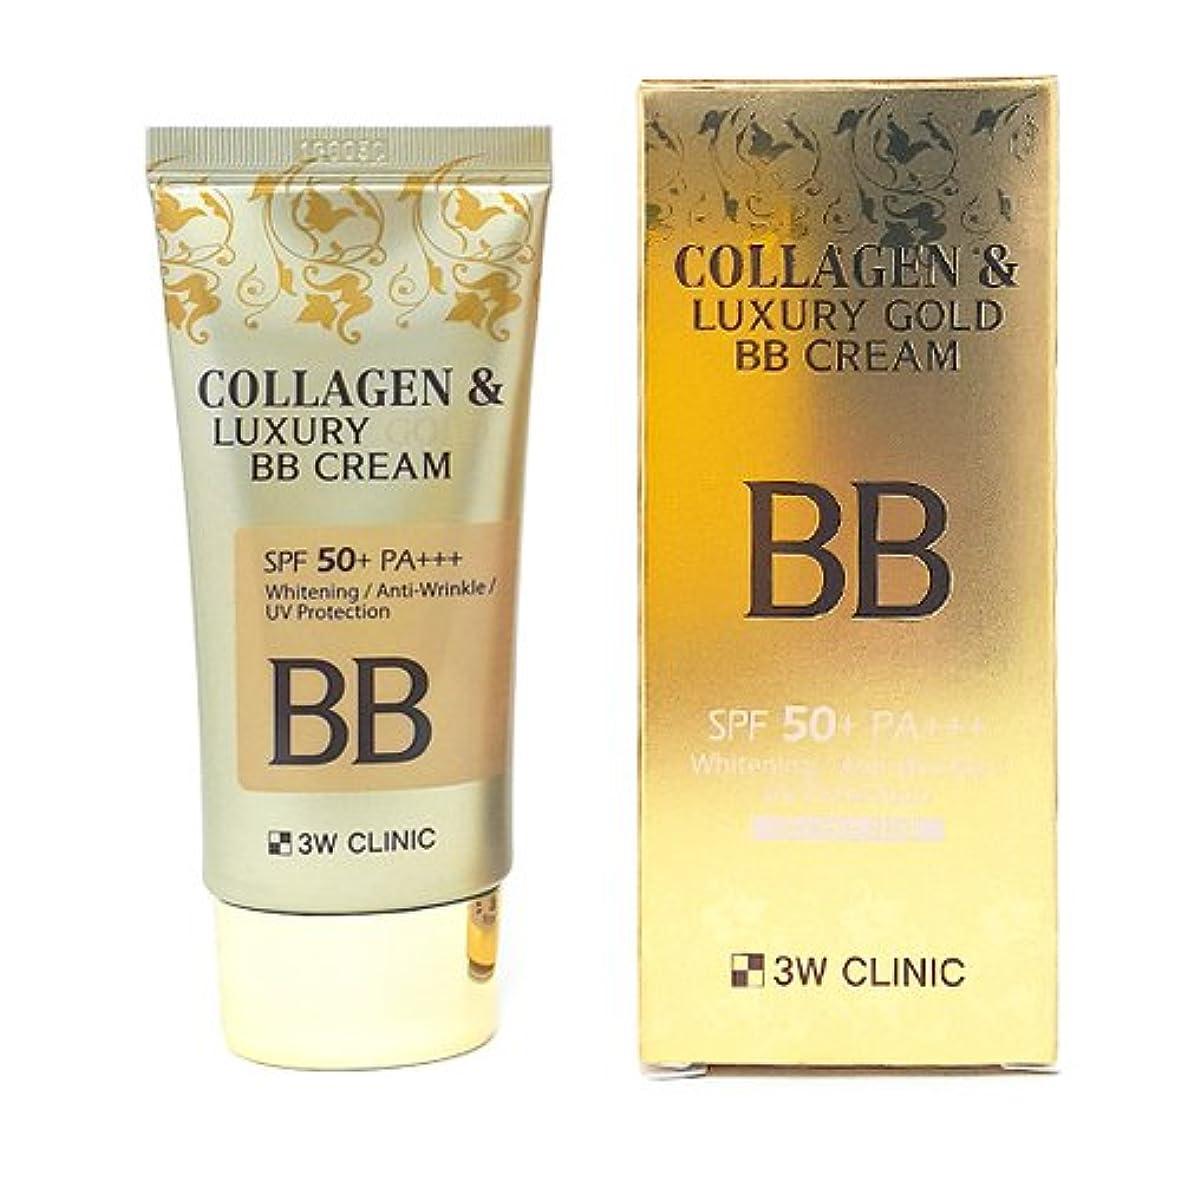 ベテラン深さグレートバリアリーフ3Wクリニック[韓国コスメ3w Clinic]Collagen & Luxury Gold BB Cream コラーゲンラグジュアリーゴールド BBクリーム50ml 50+/PA+++[並行輸入品]